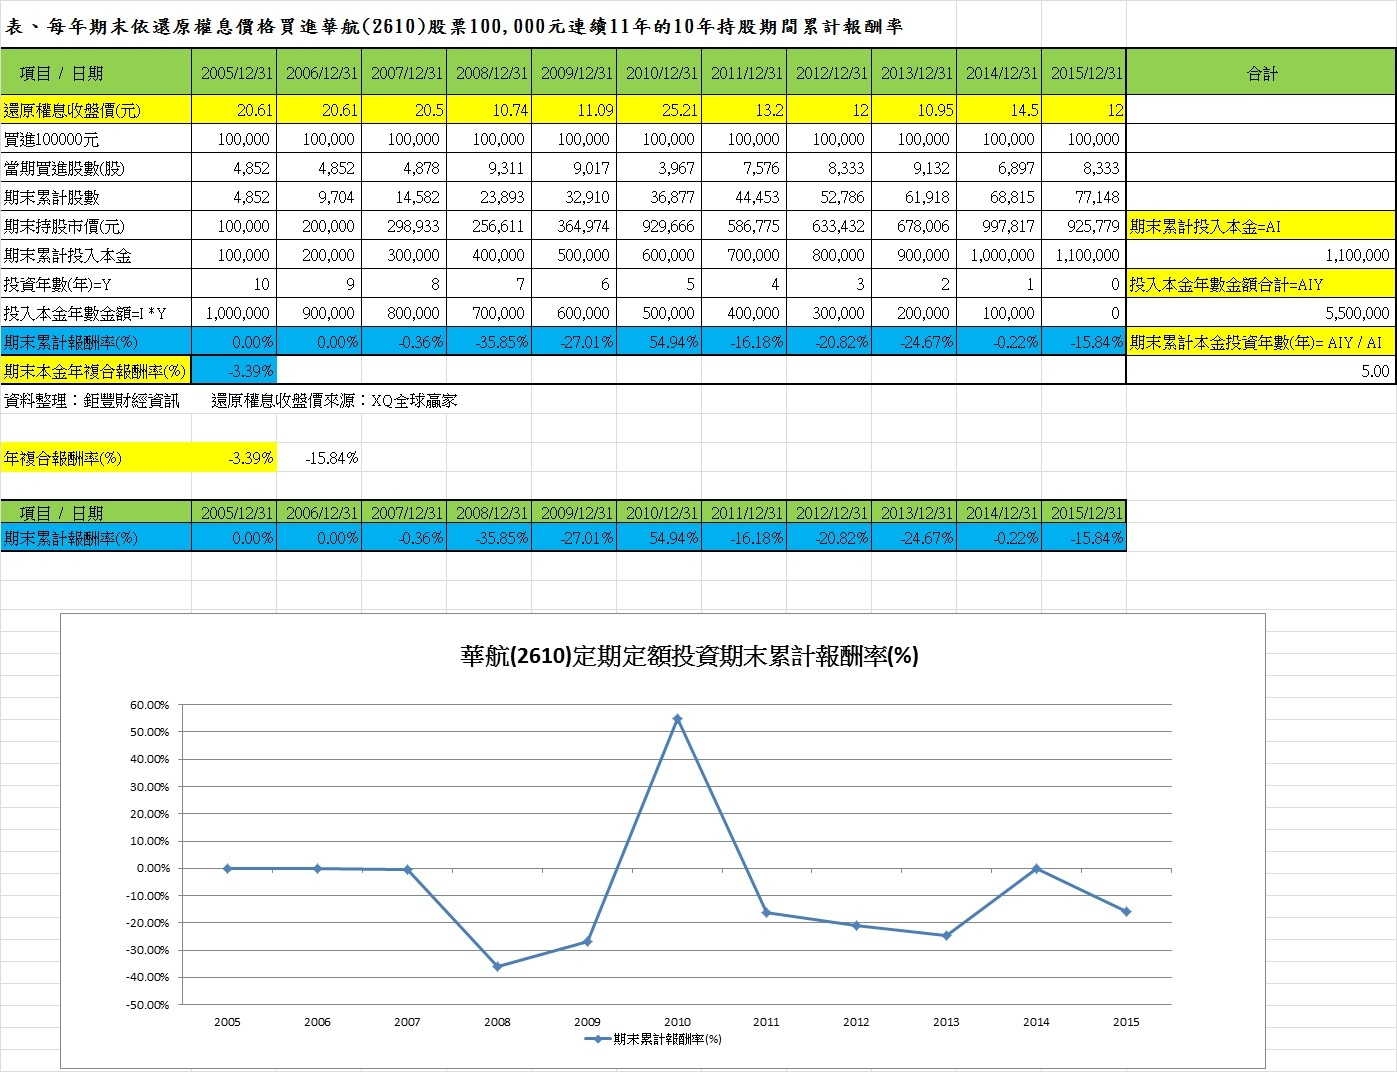 表、每年期末依還原權息價格買進華航(2606)股票100,000元連續11年的10年持股期間累計報酬率